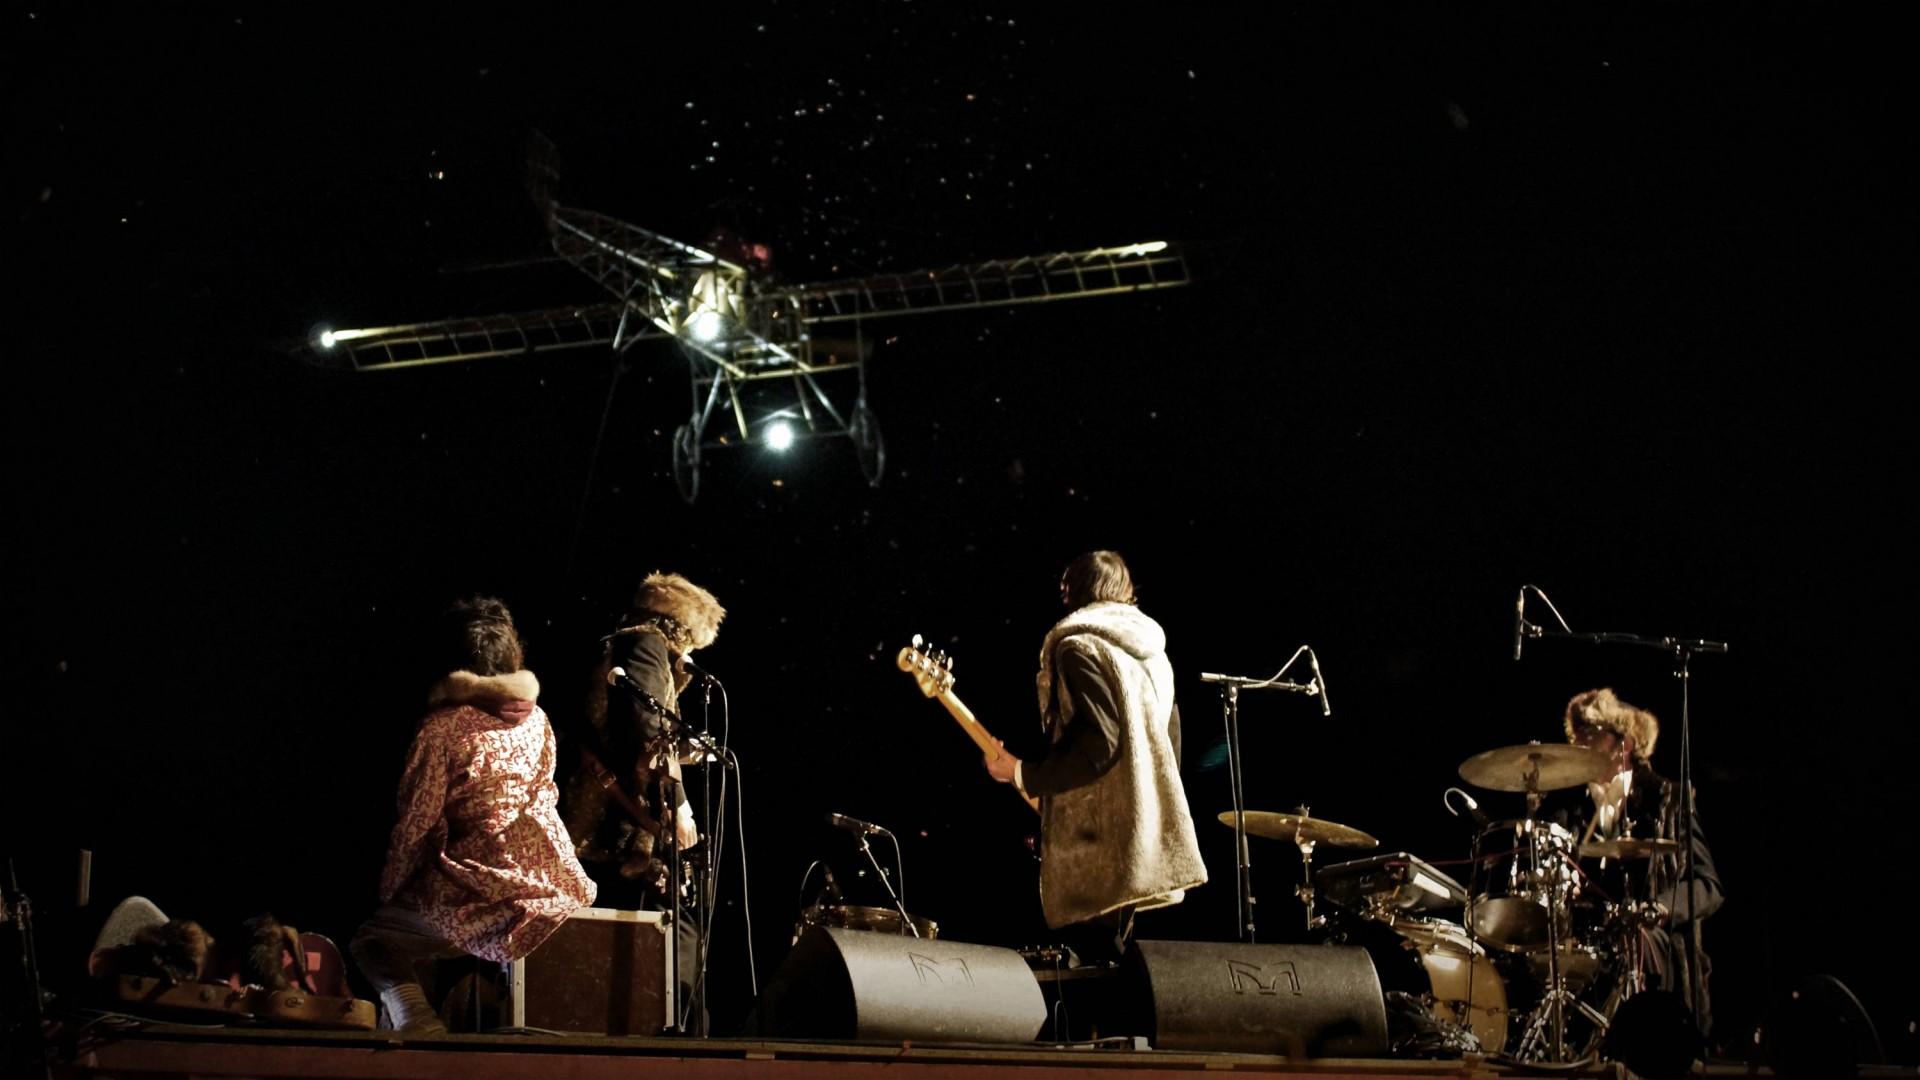 Photo- Festival-de-rue-d-Aurillac-cha-production